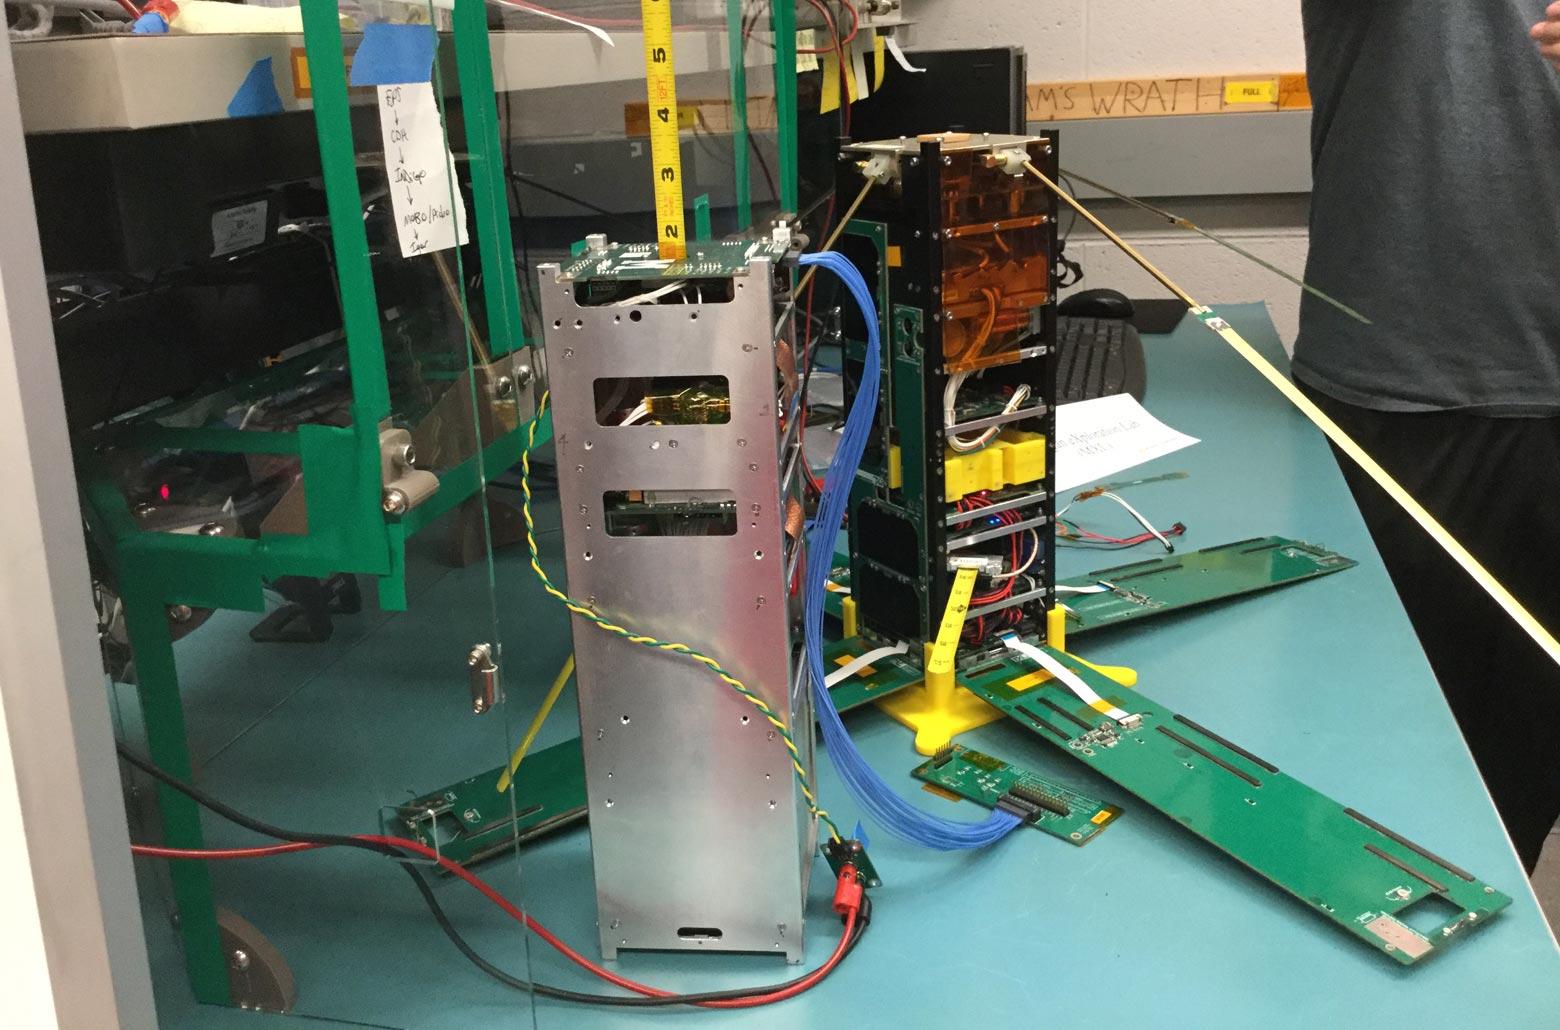 MXL Lab CubeSat